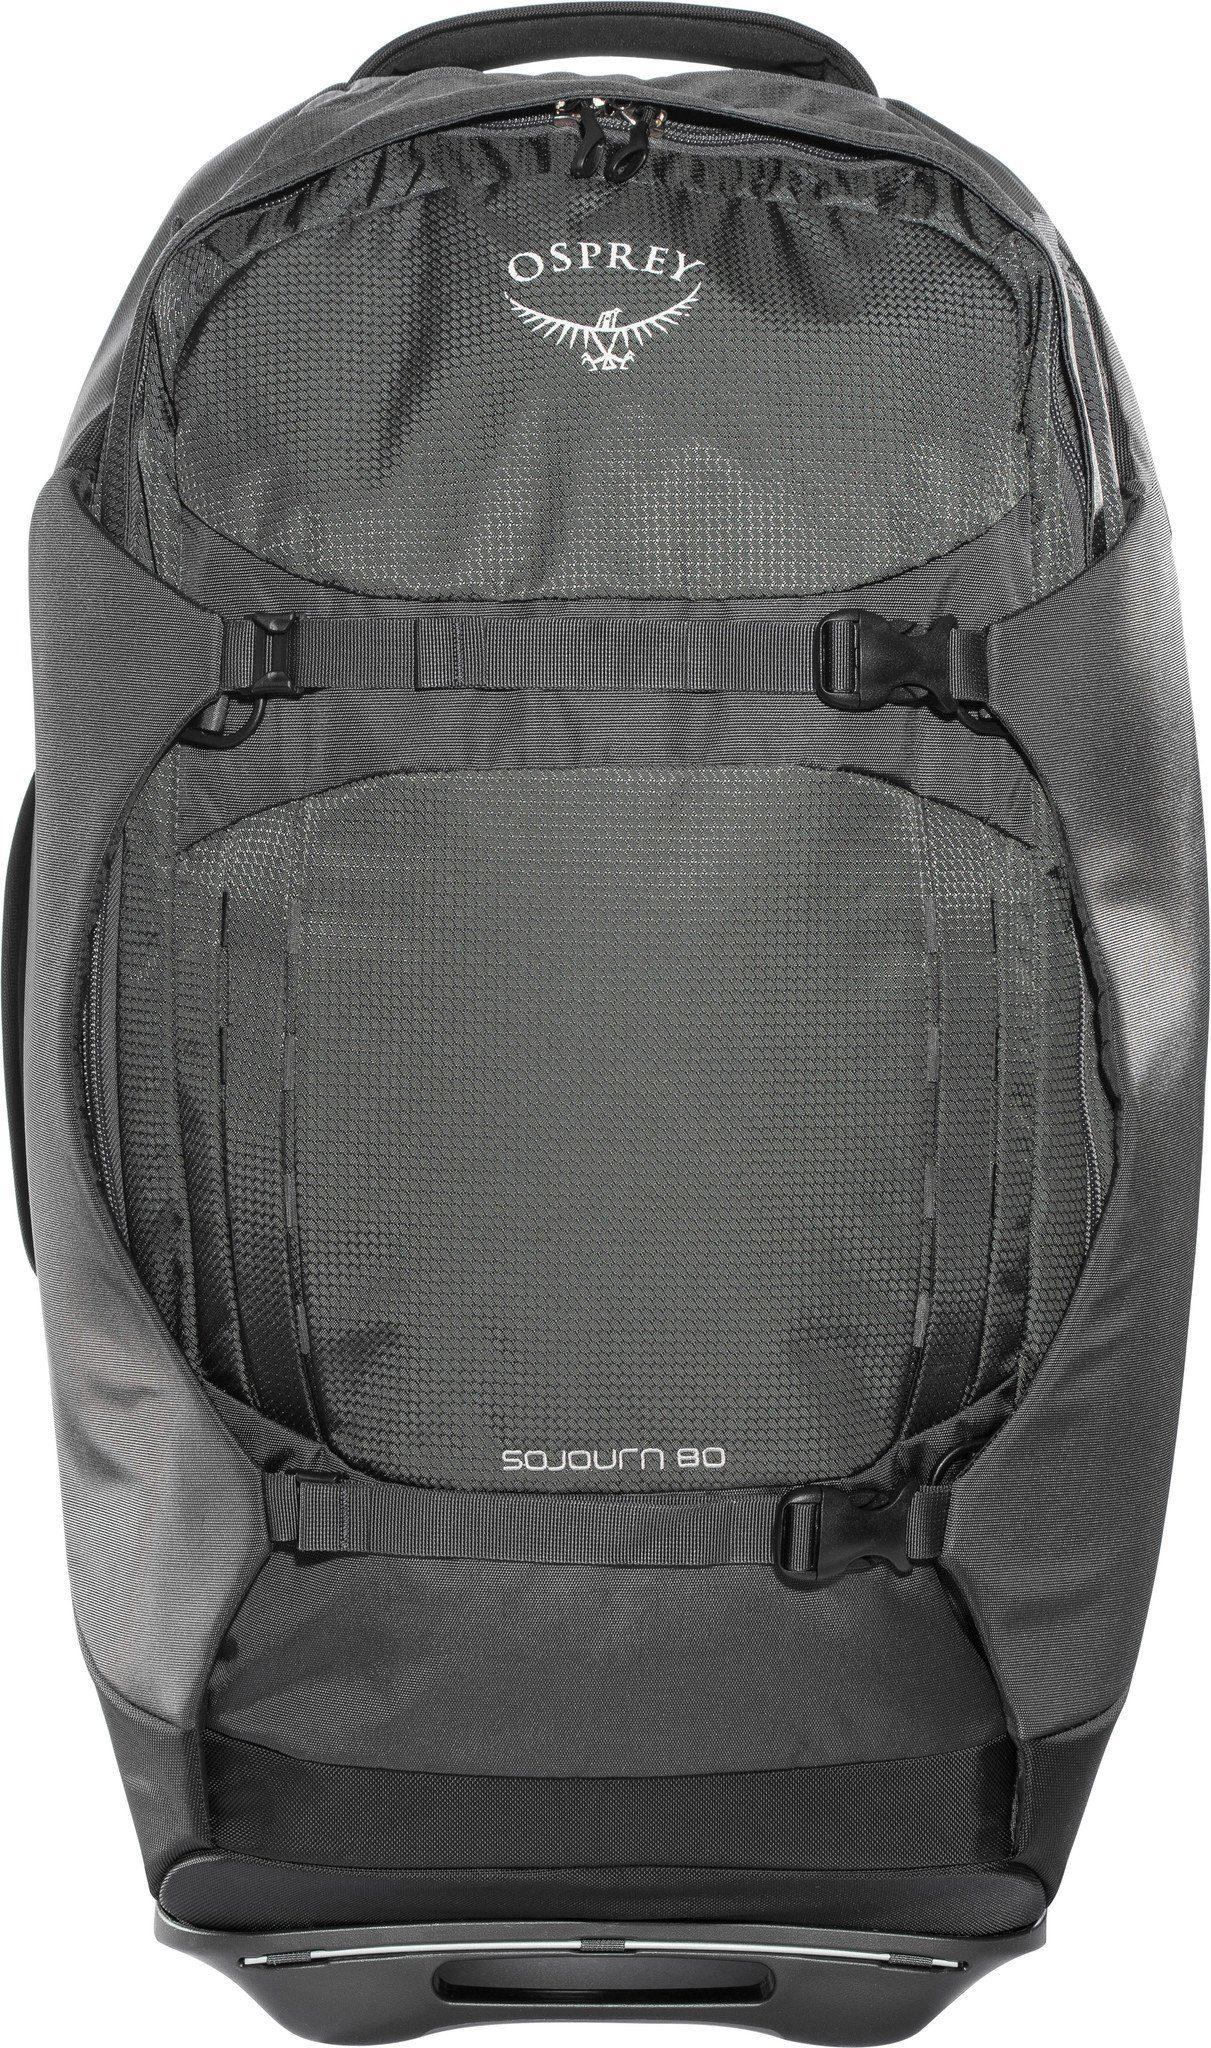 Osprey Sport- und Freizeittasche »Sojourn 80 Trolley«